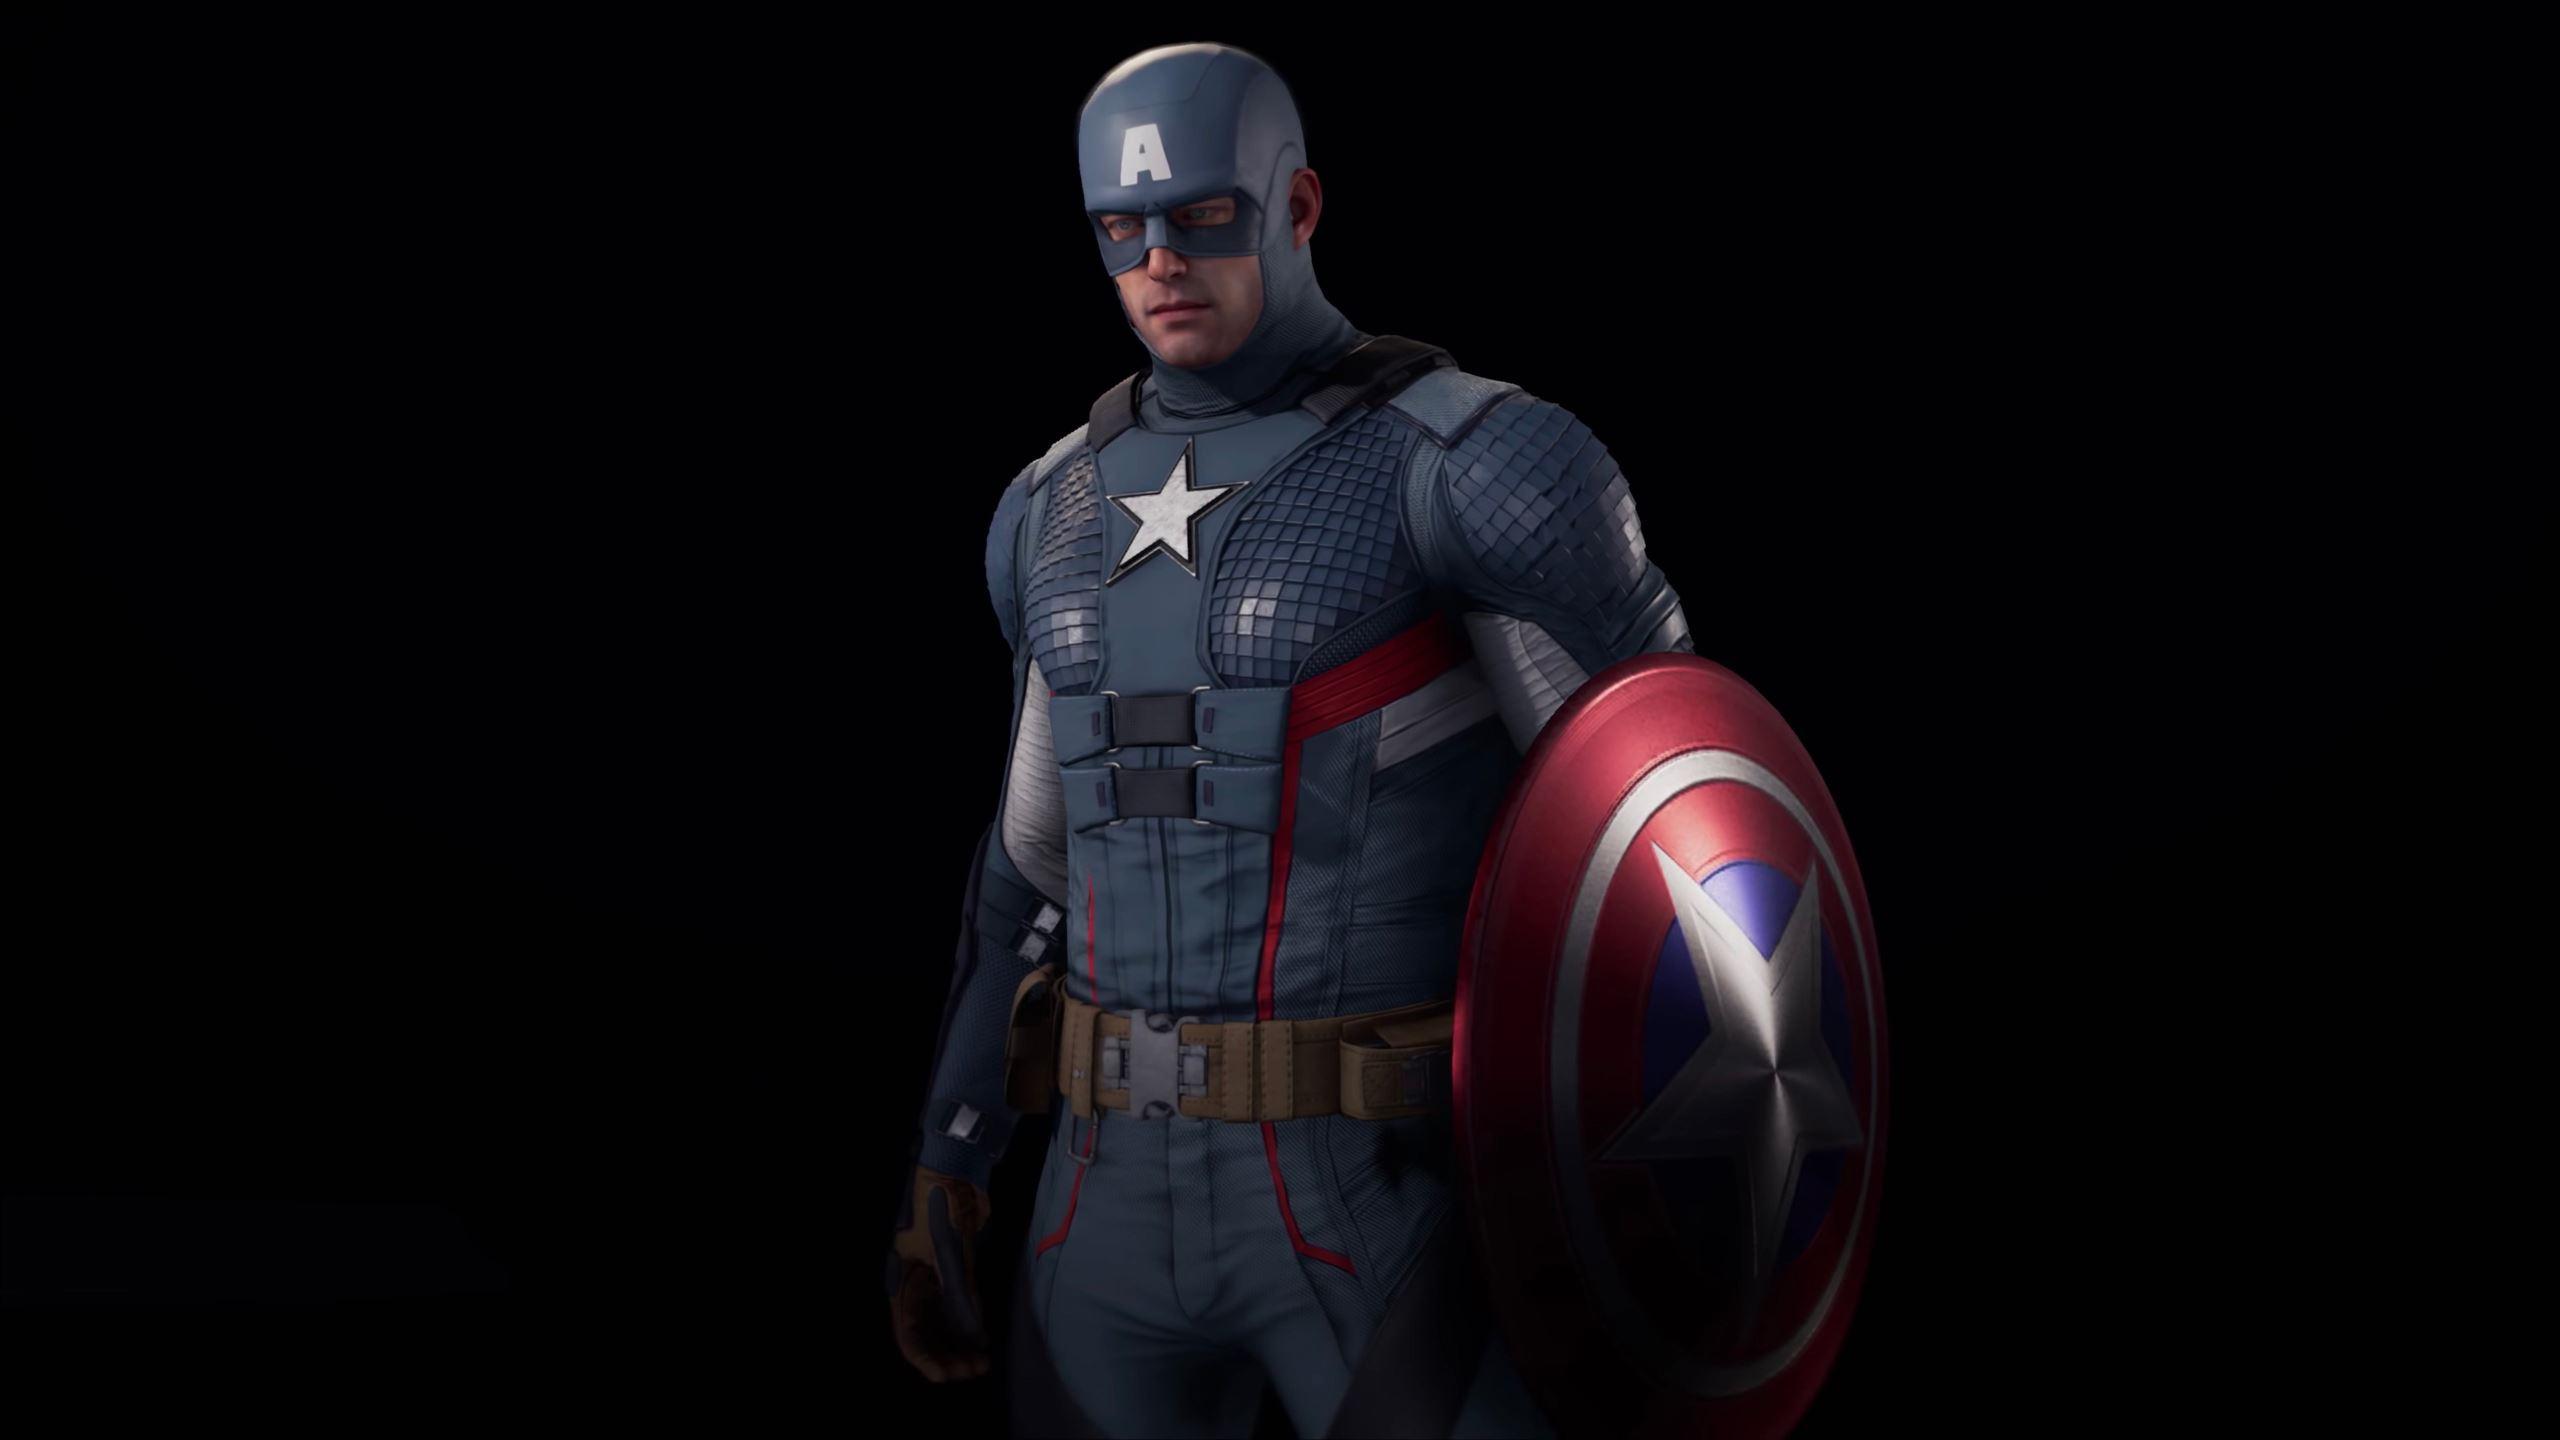 Marvels Avenger Captain America 5k Macbook Pro Wallpaper Download Allmacwallpaper